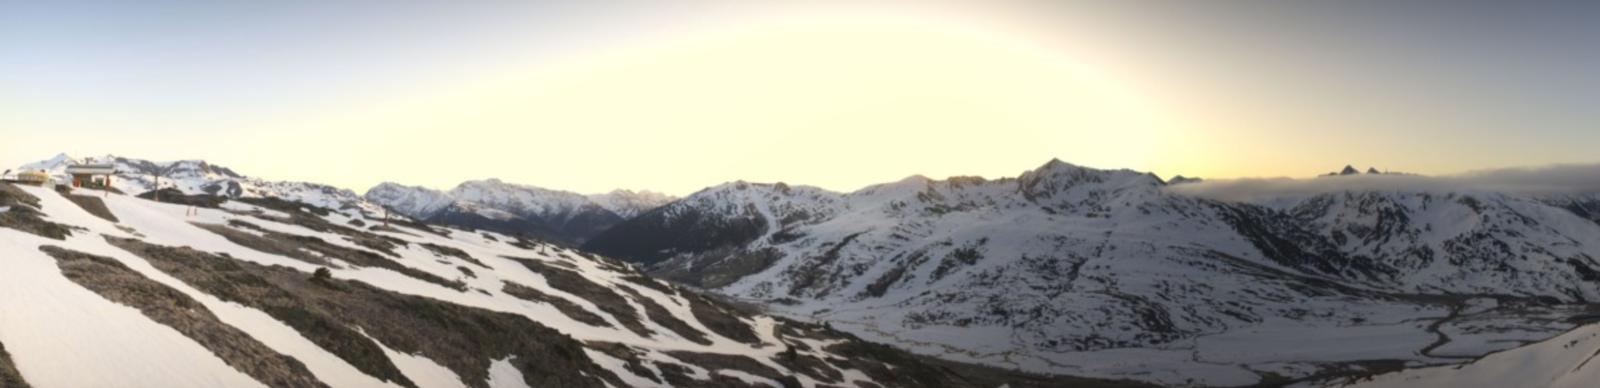 Pyrénées : du côté de Baqueira Beret...